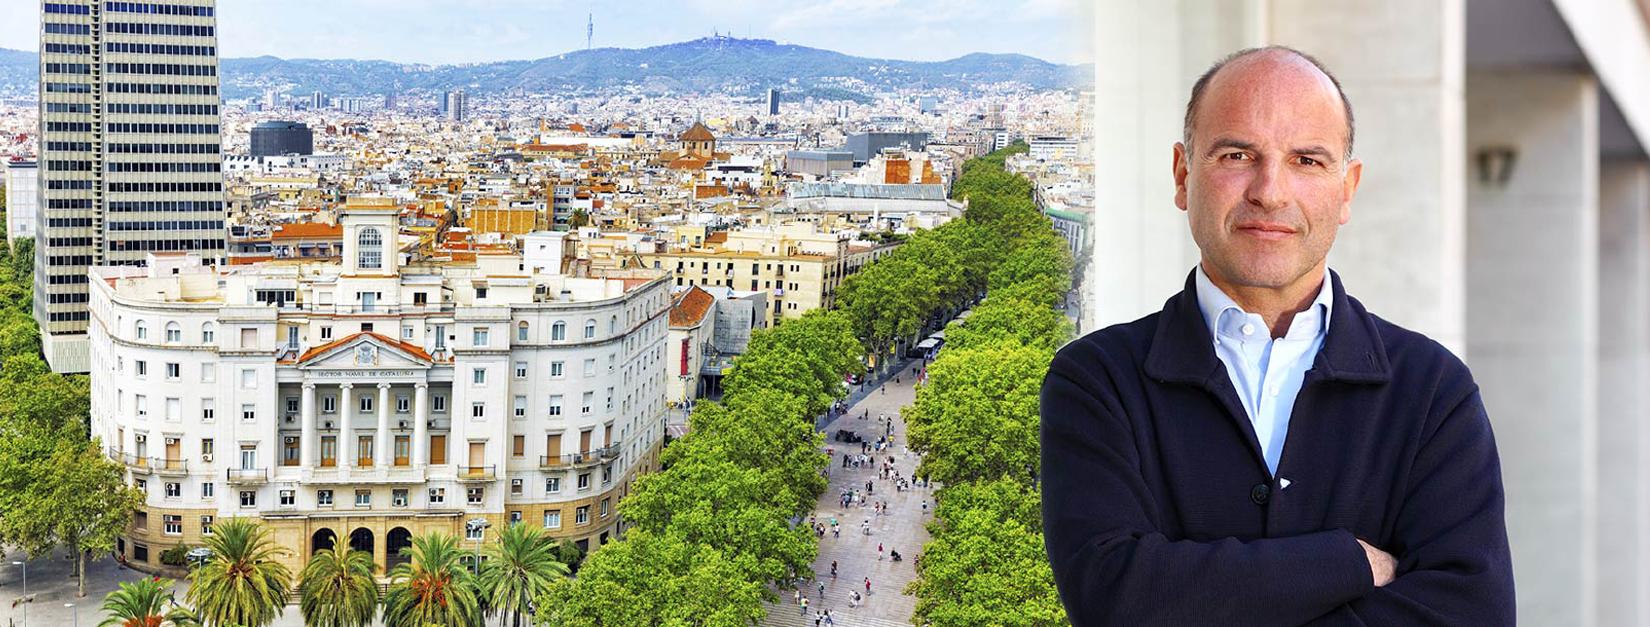 Tu agencia inmobiliaria en la zona alta de barcelona - Agente inmobiliario barcelona ...